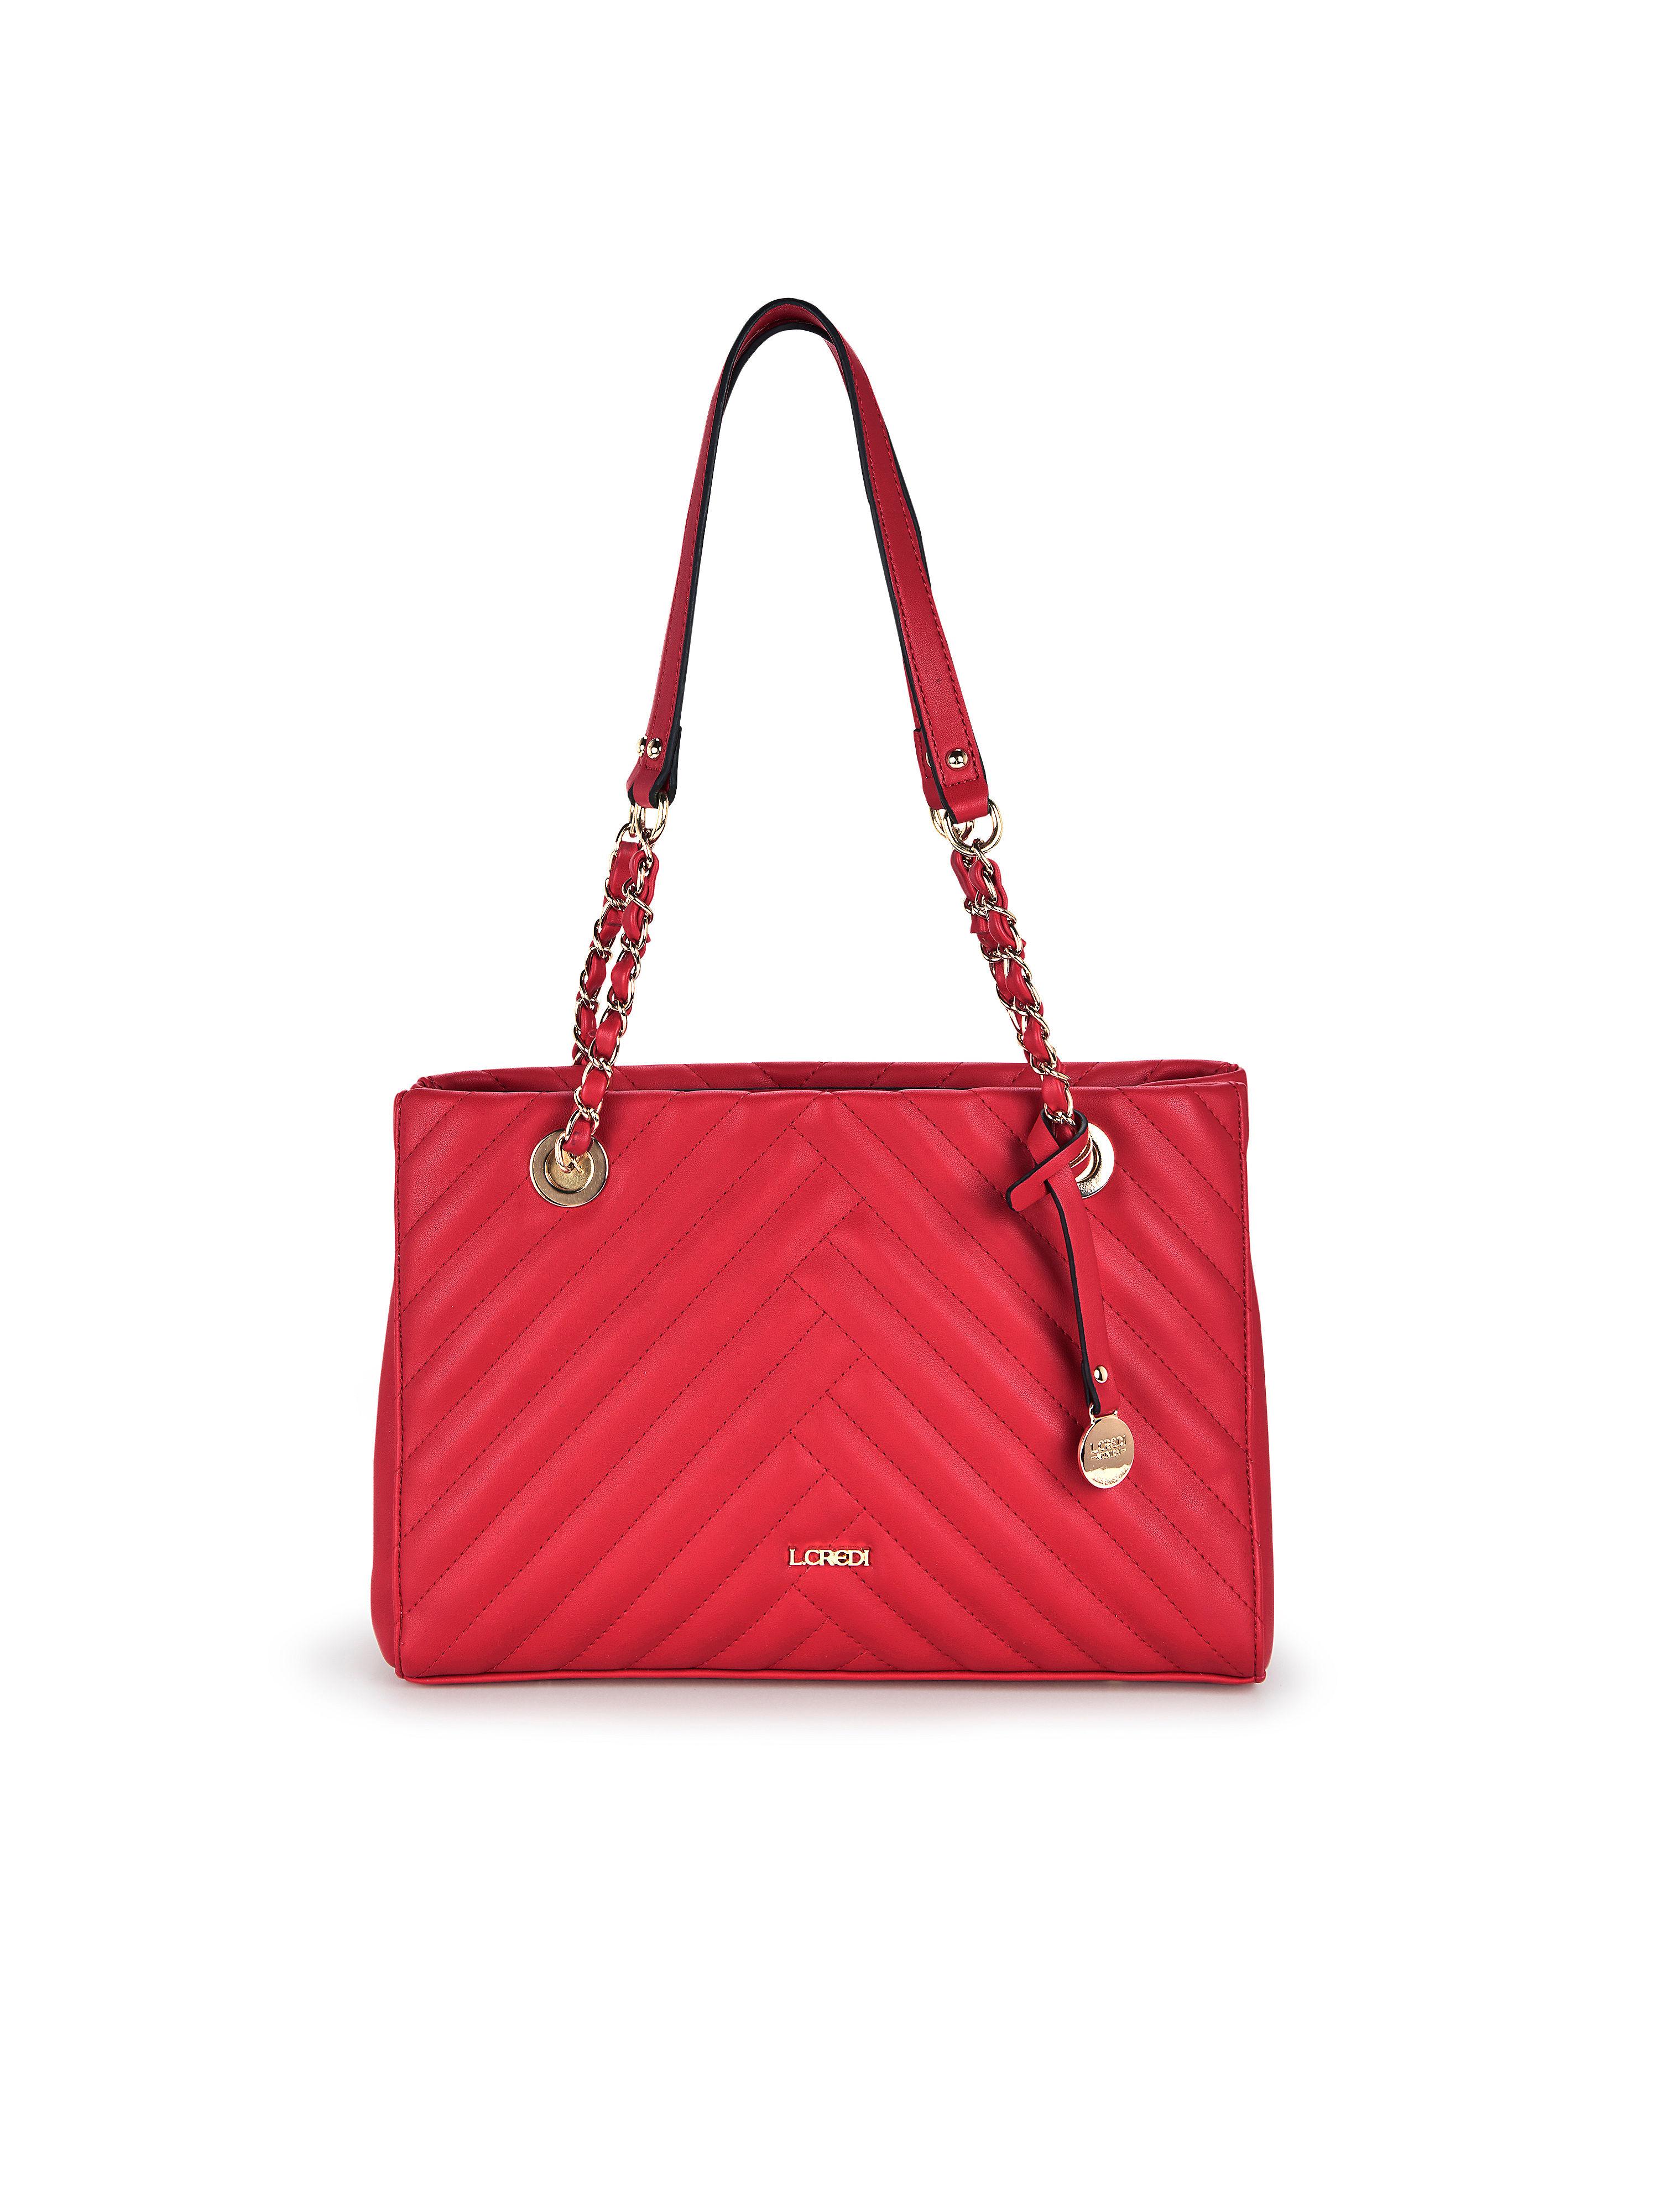 96ca274be7e64 Sonstige Handtaschen für Damen online kaufen